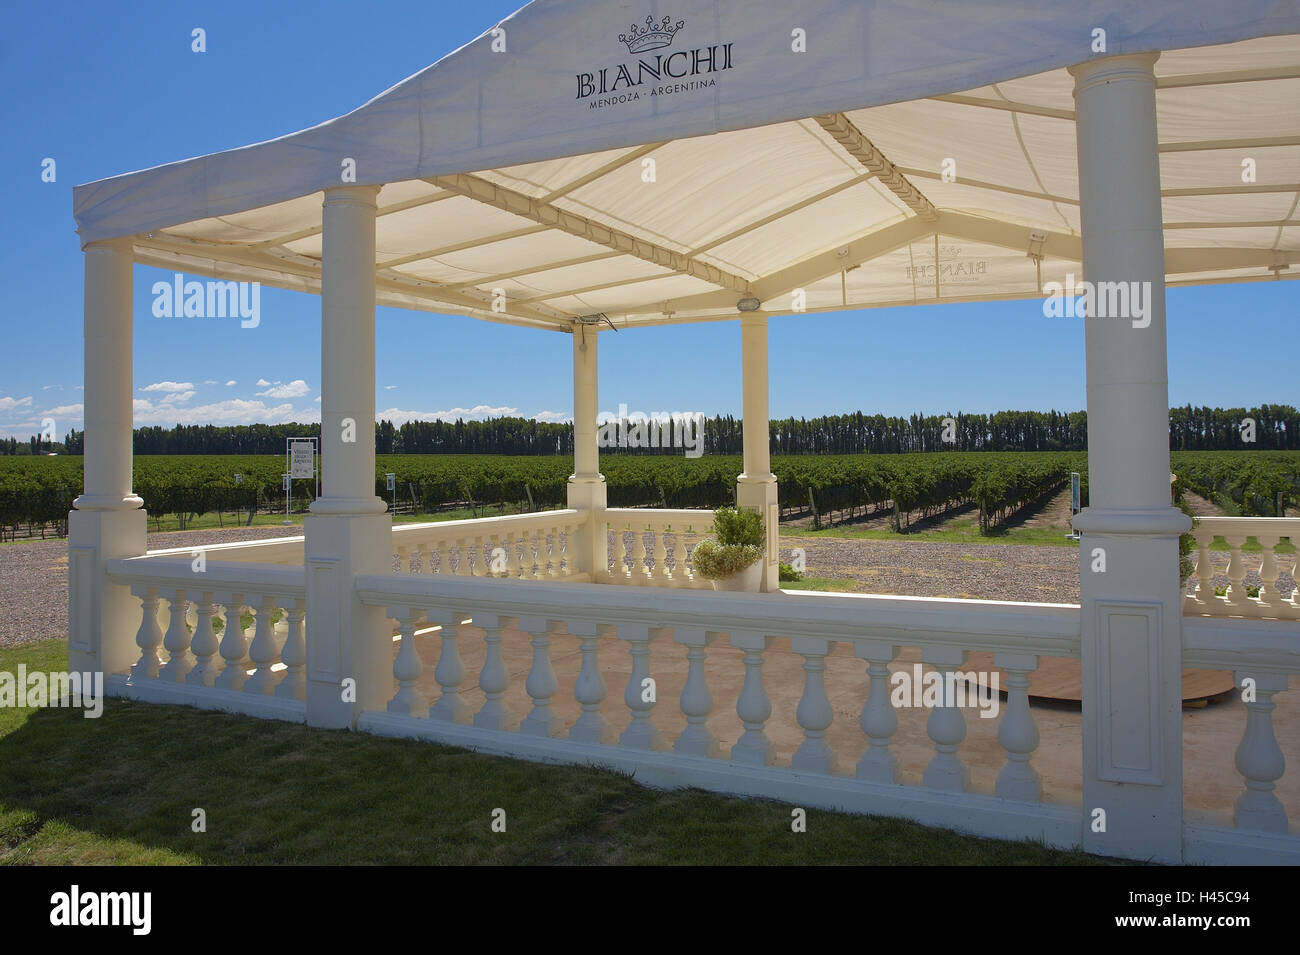 Argentina Mendoza San Rafael vineyard Bianchi fixed tent wine fields & Argentina Mendoza San Rafael vineyard Bianchi fixed tent wine ...